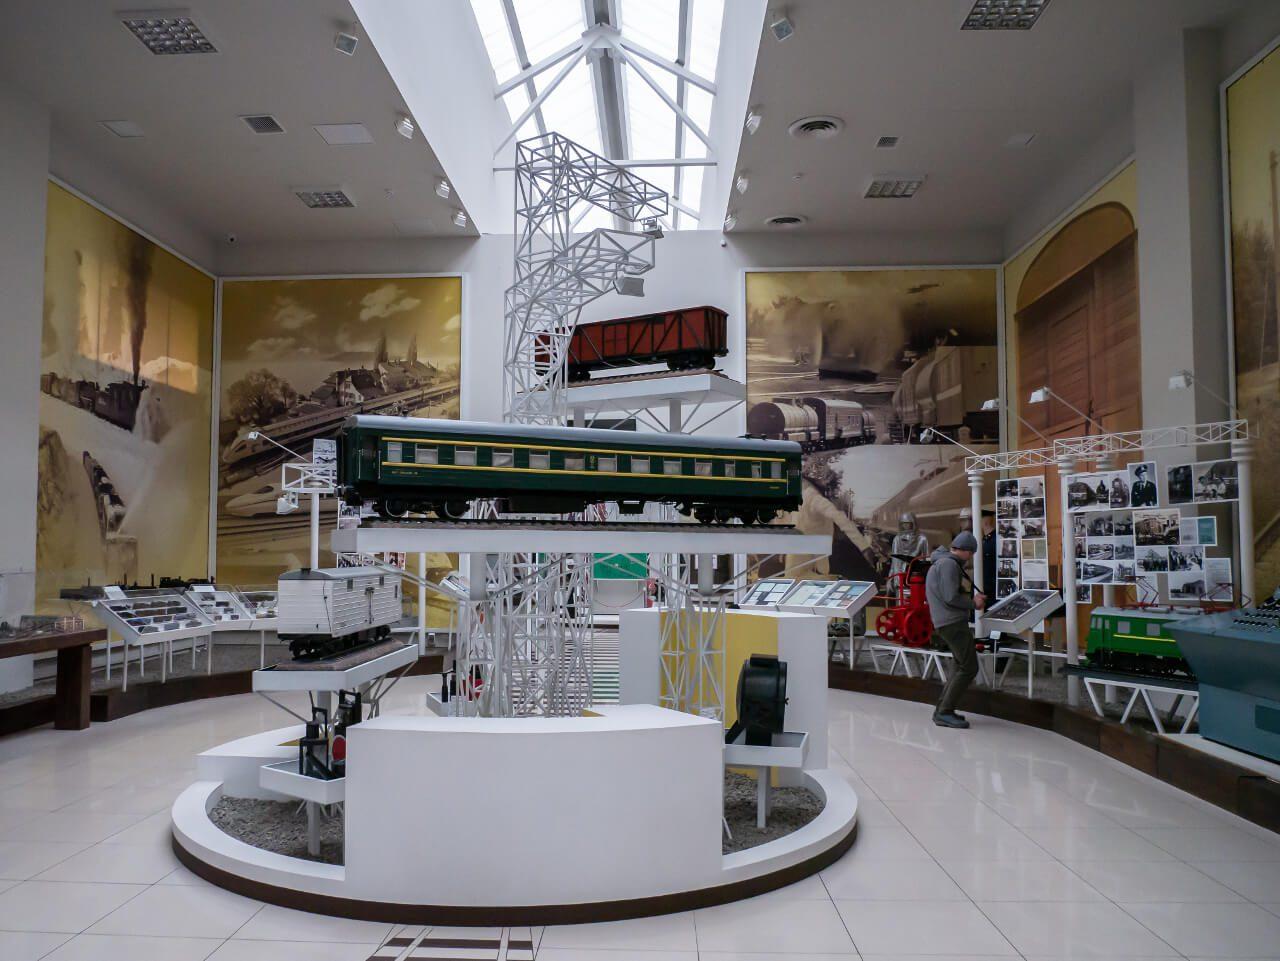 Wnętrze Muzeum Historii Kolei Południowej w Charkowie